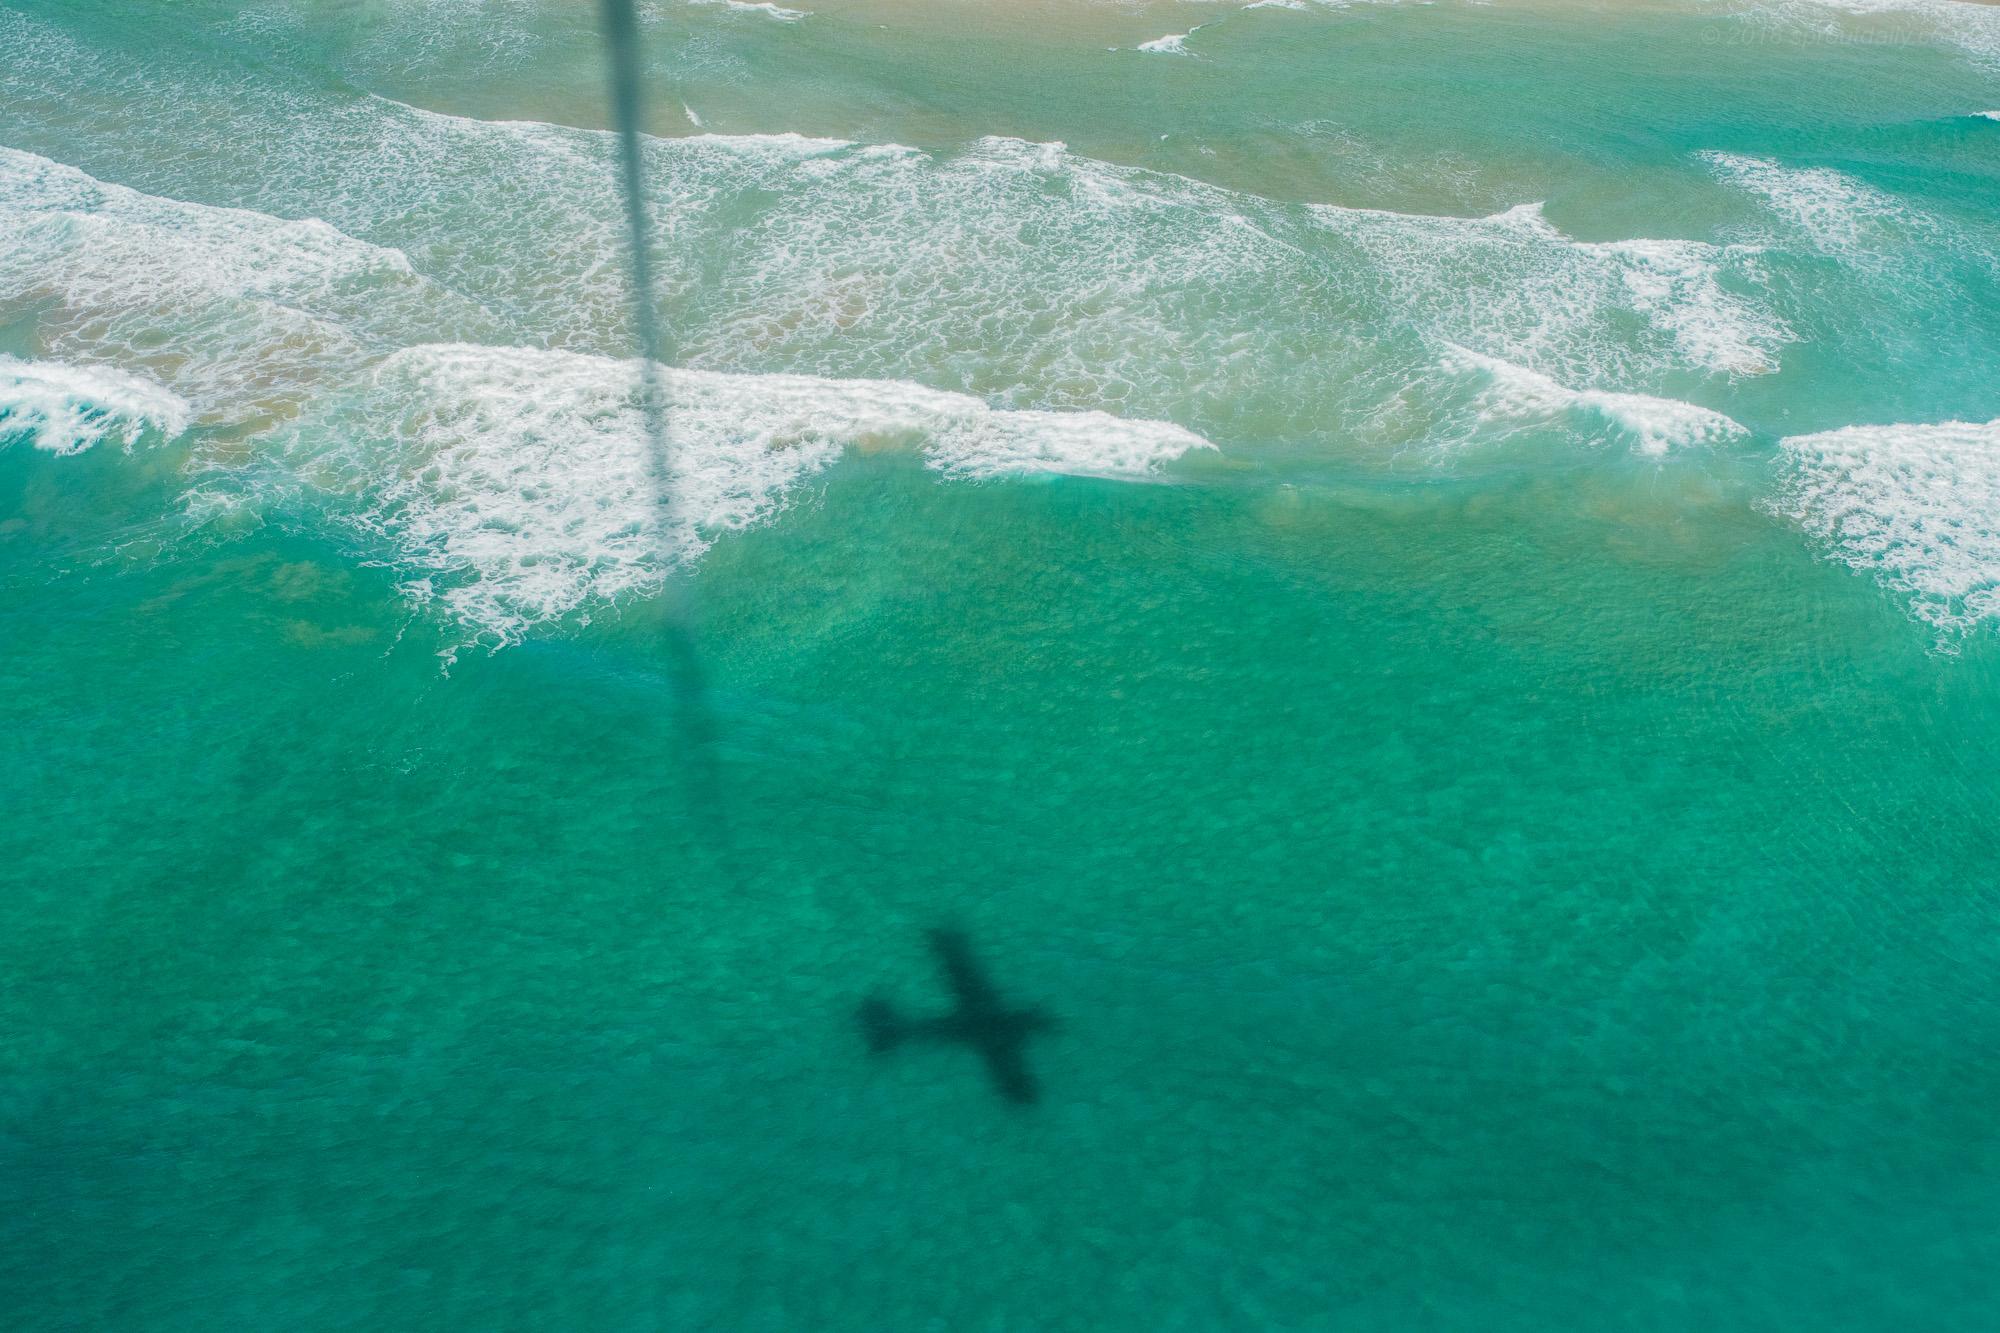 Small Plane, Small Island